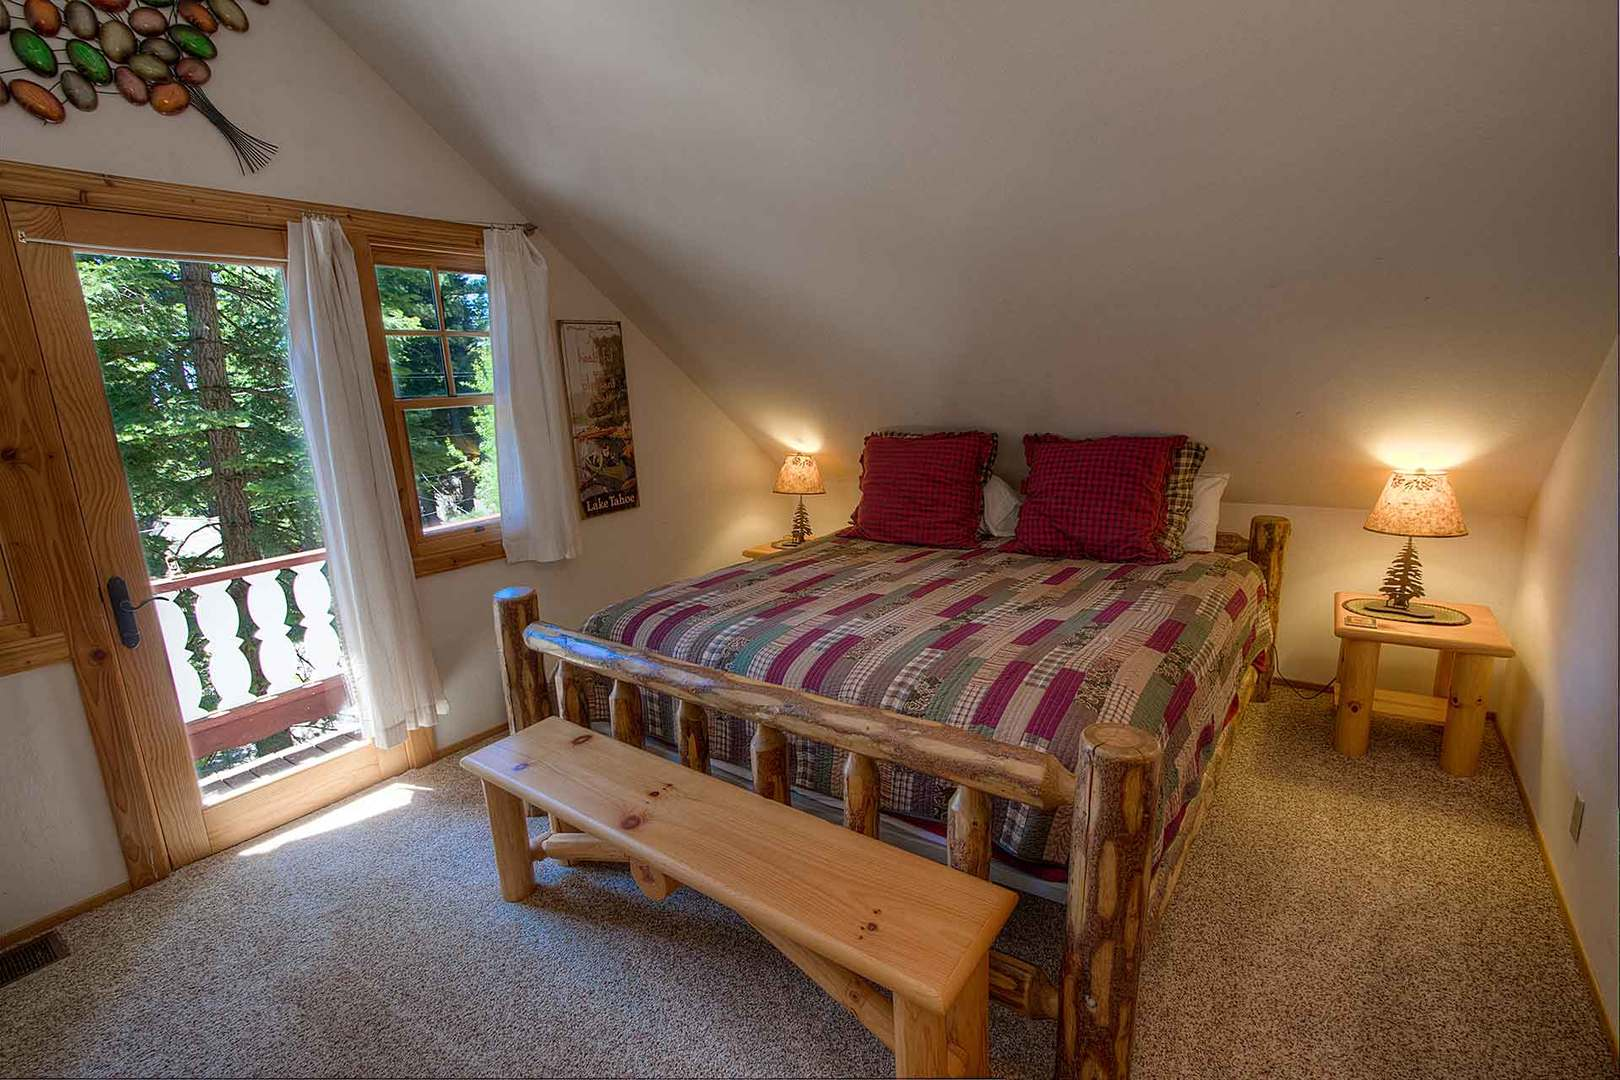 nsh0847 bedroom